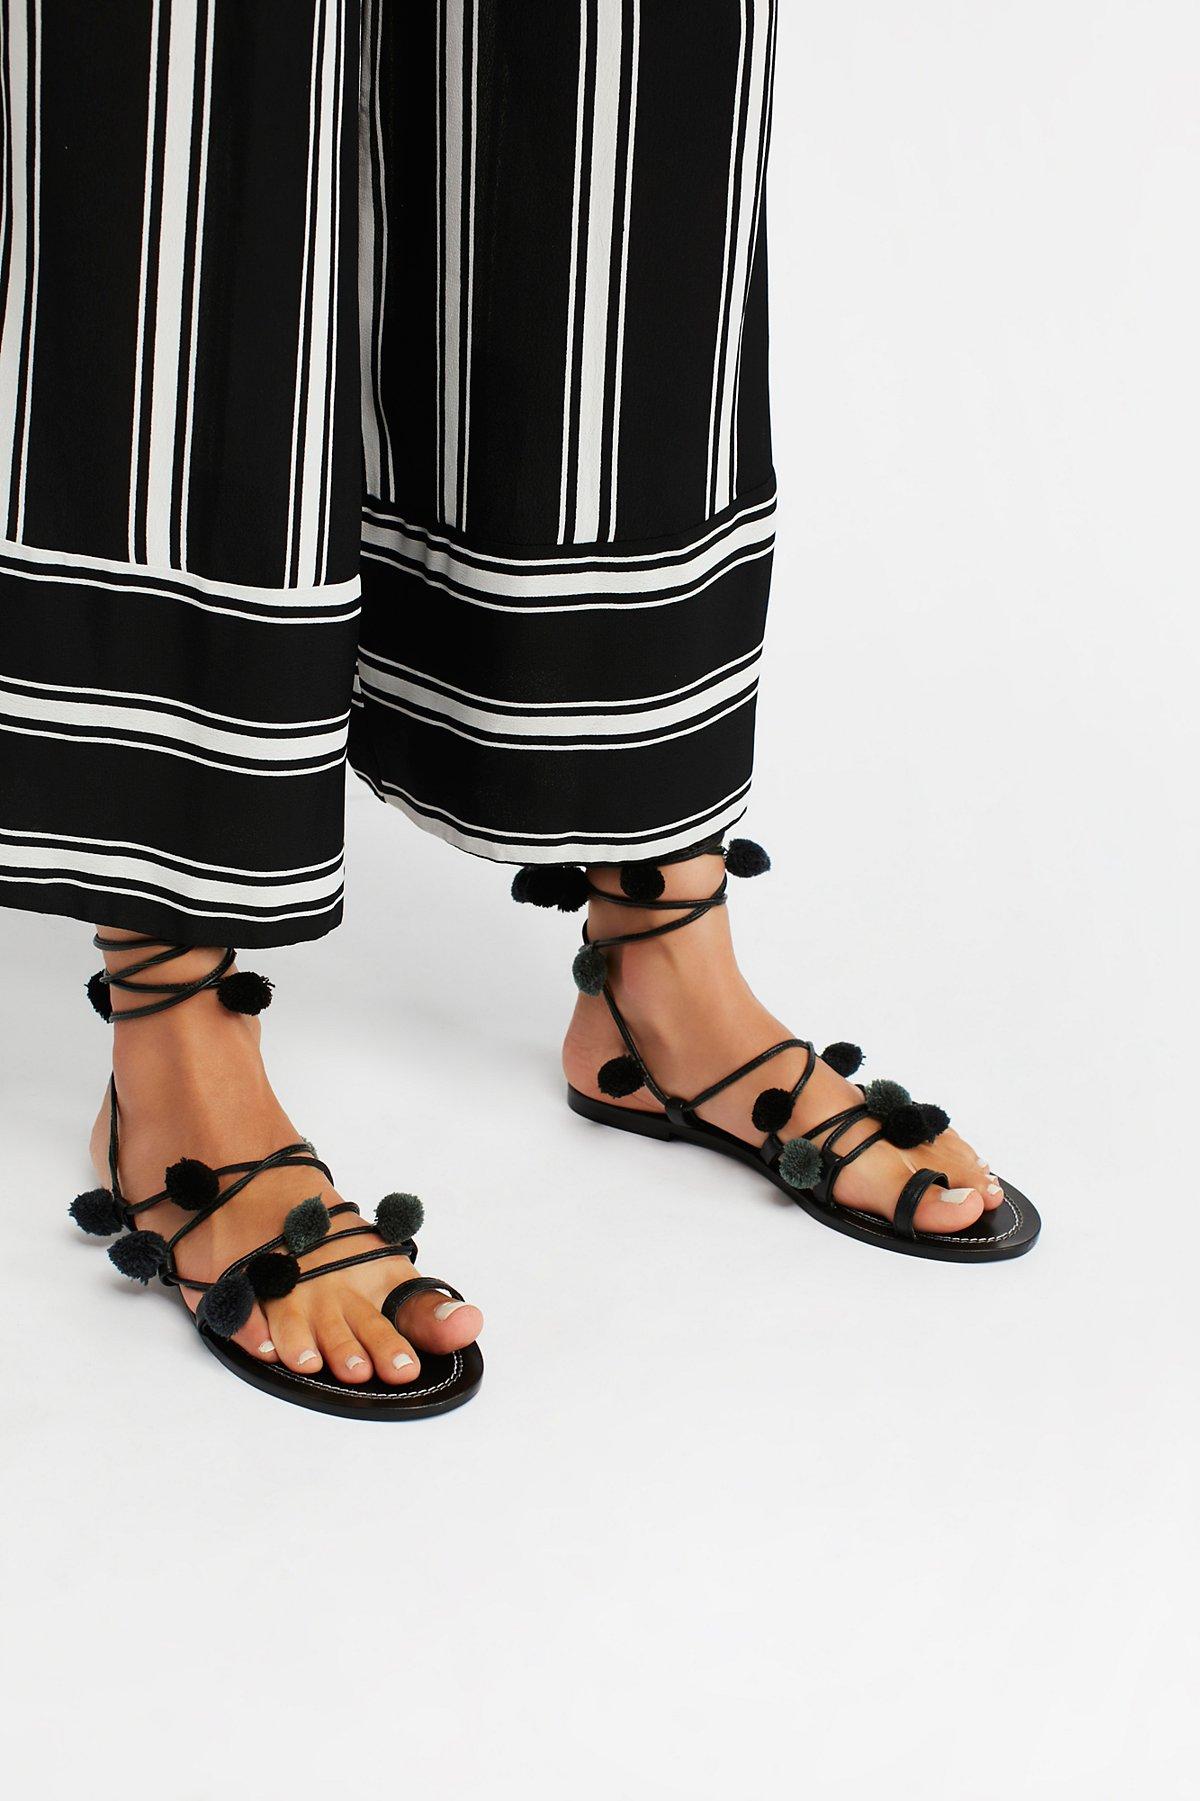 Raining绒球装饰凉鞋